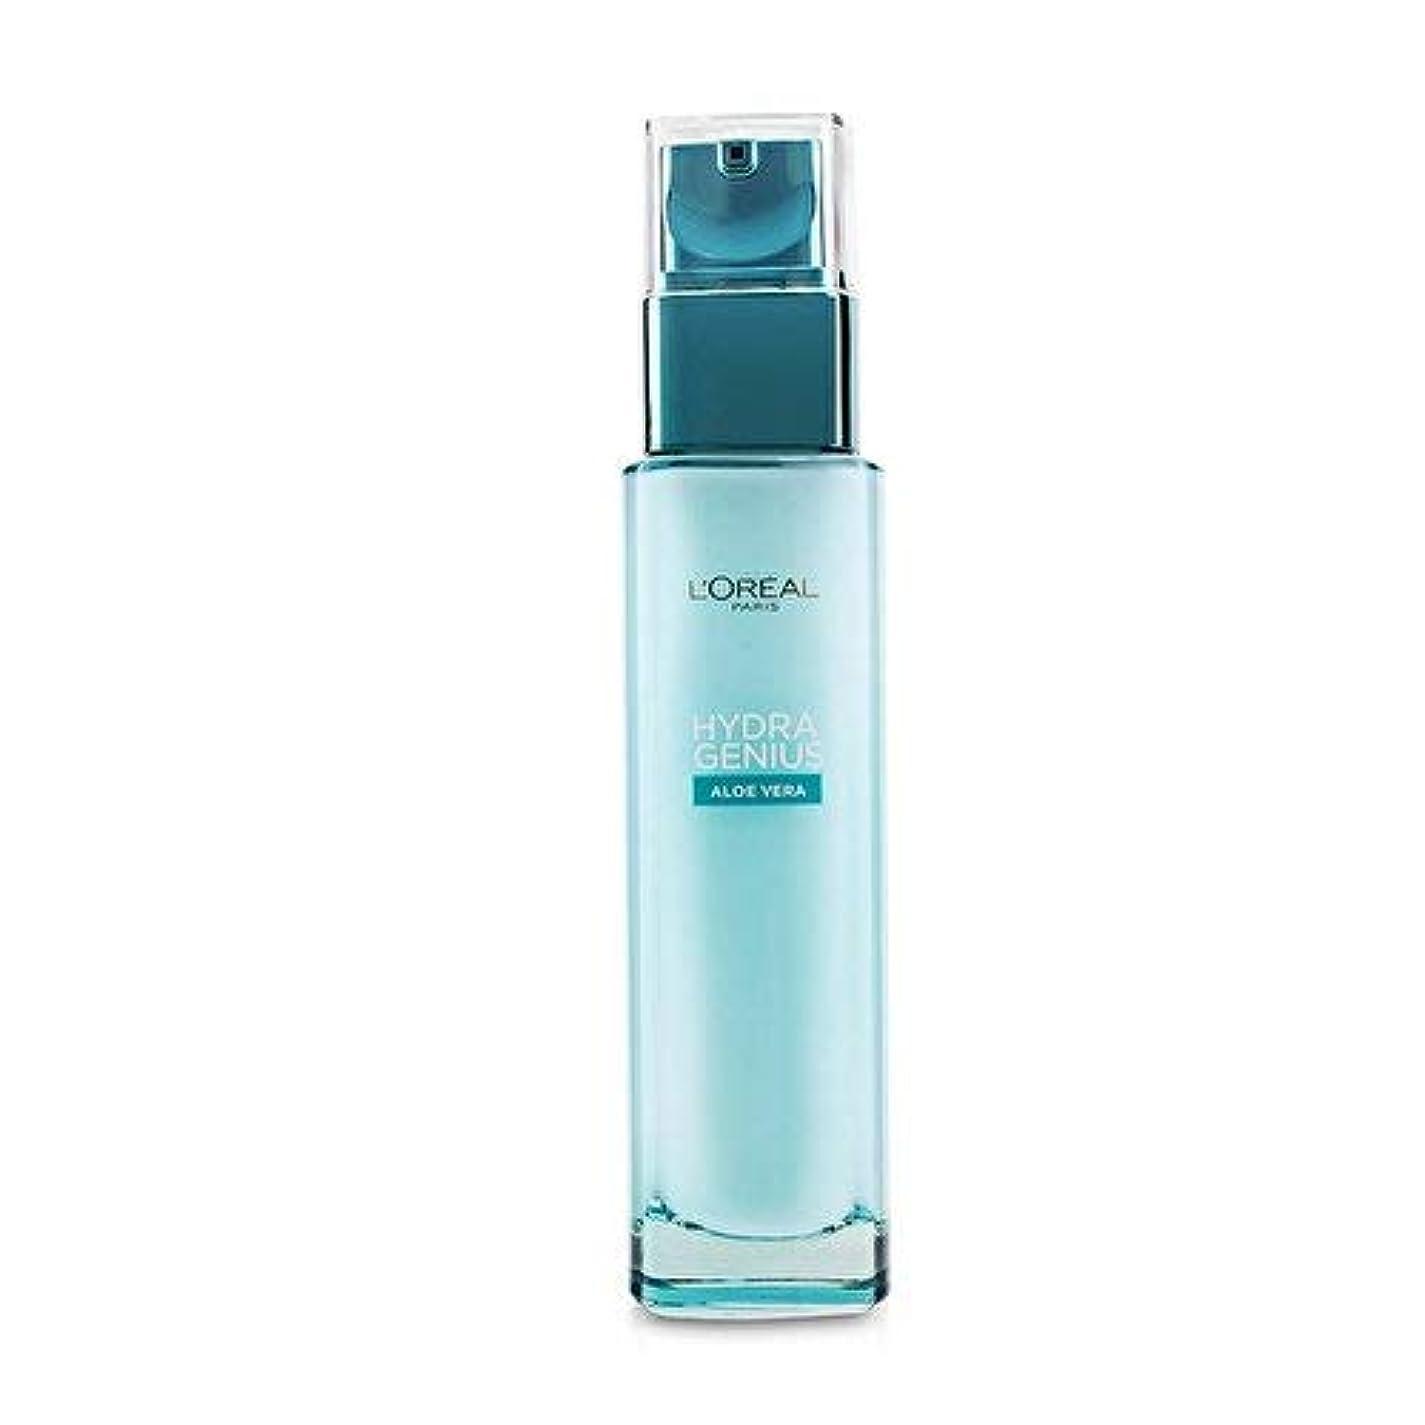 箱姓見分けるロレアル Hydra Genius Aloe Vera Liquid Care - For Dry & Sensitive Skin 70ml/2.3oz並行輸入品